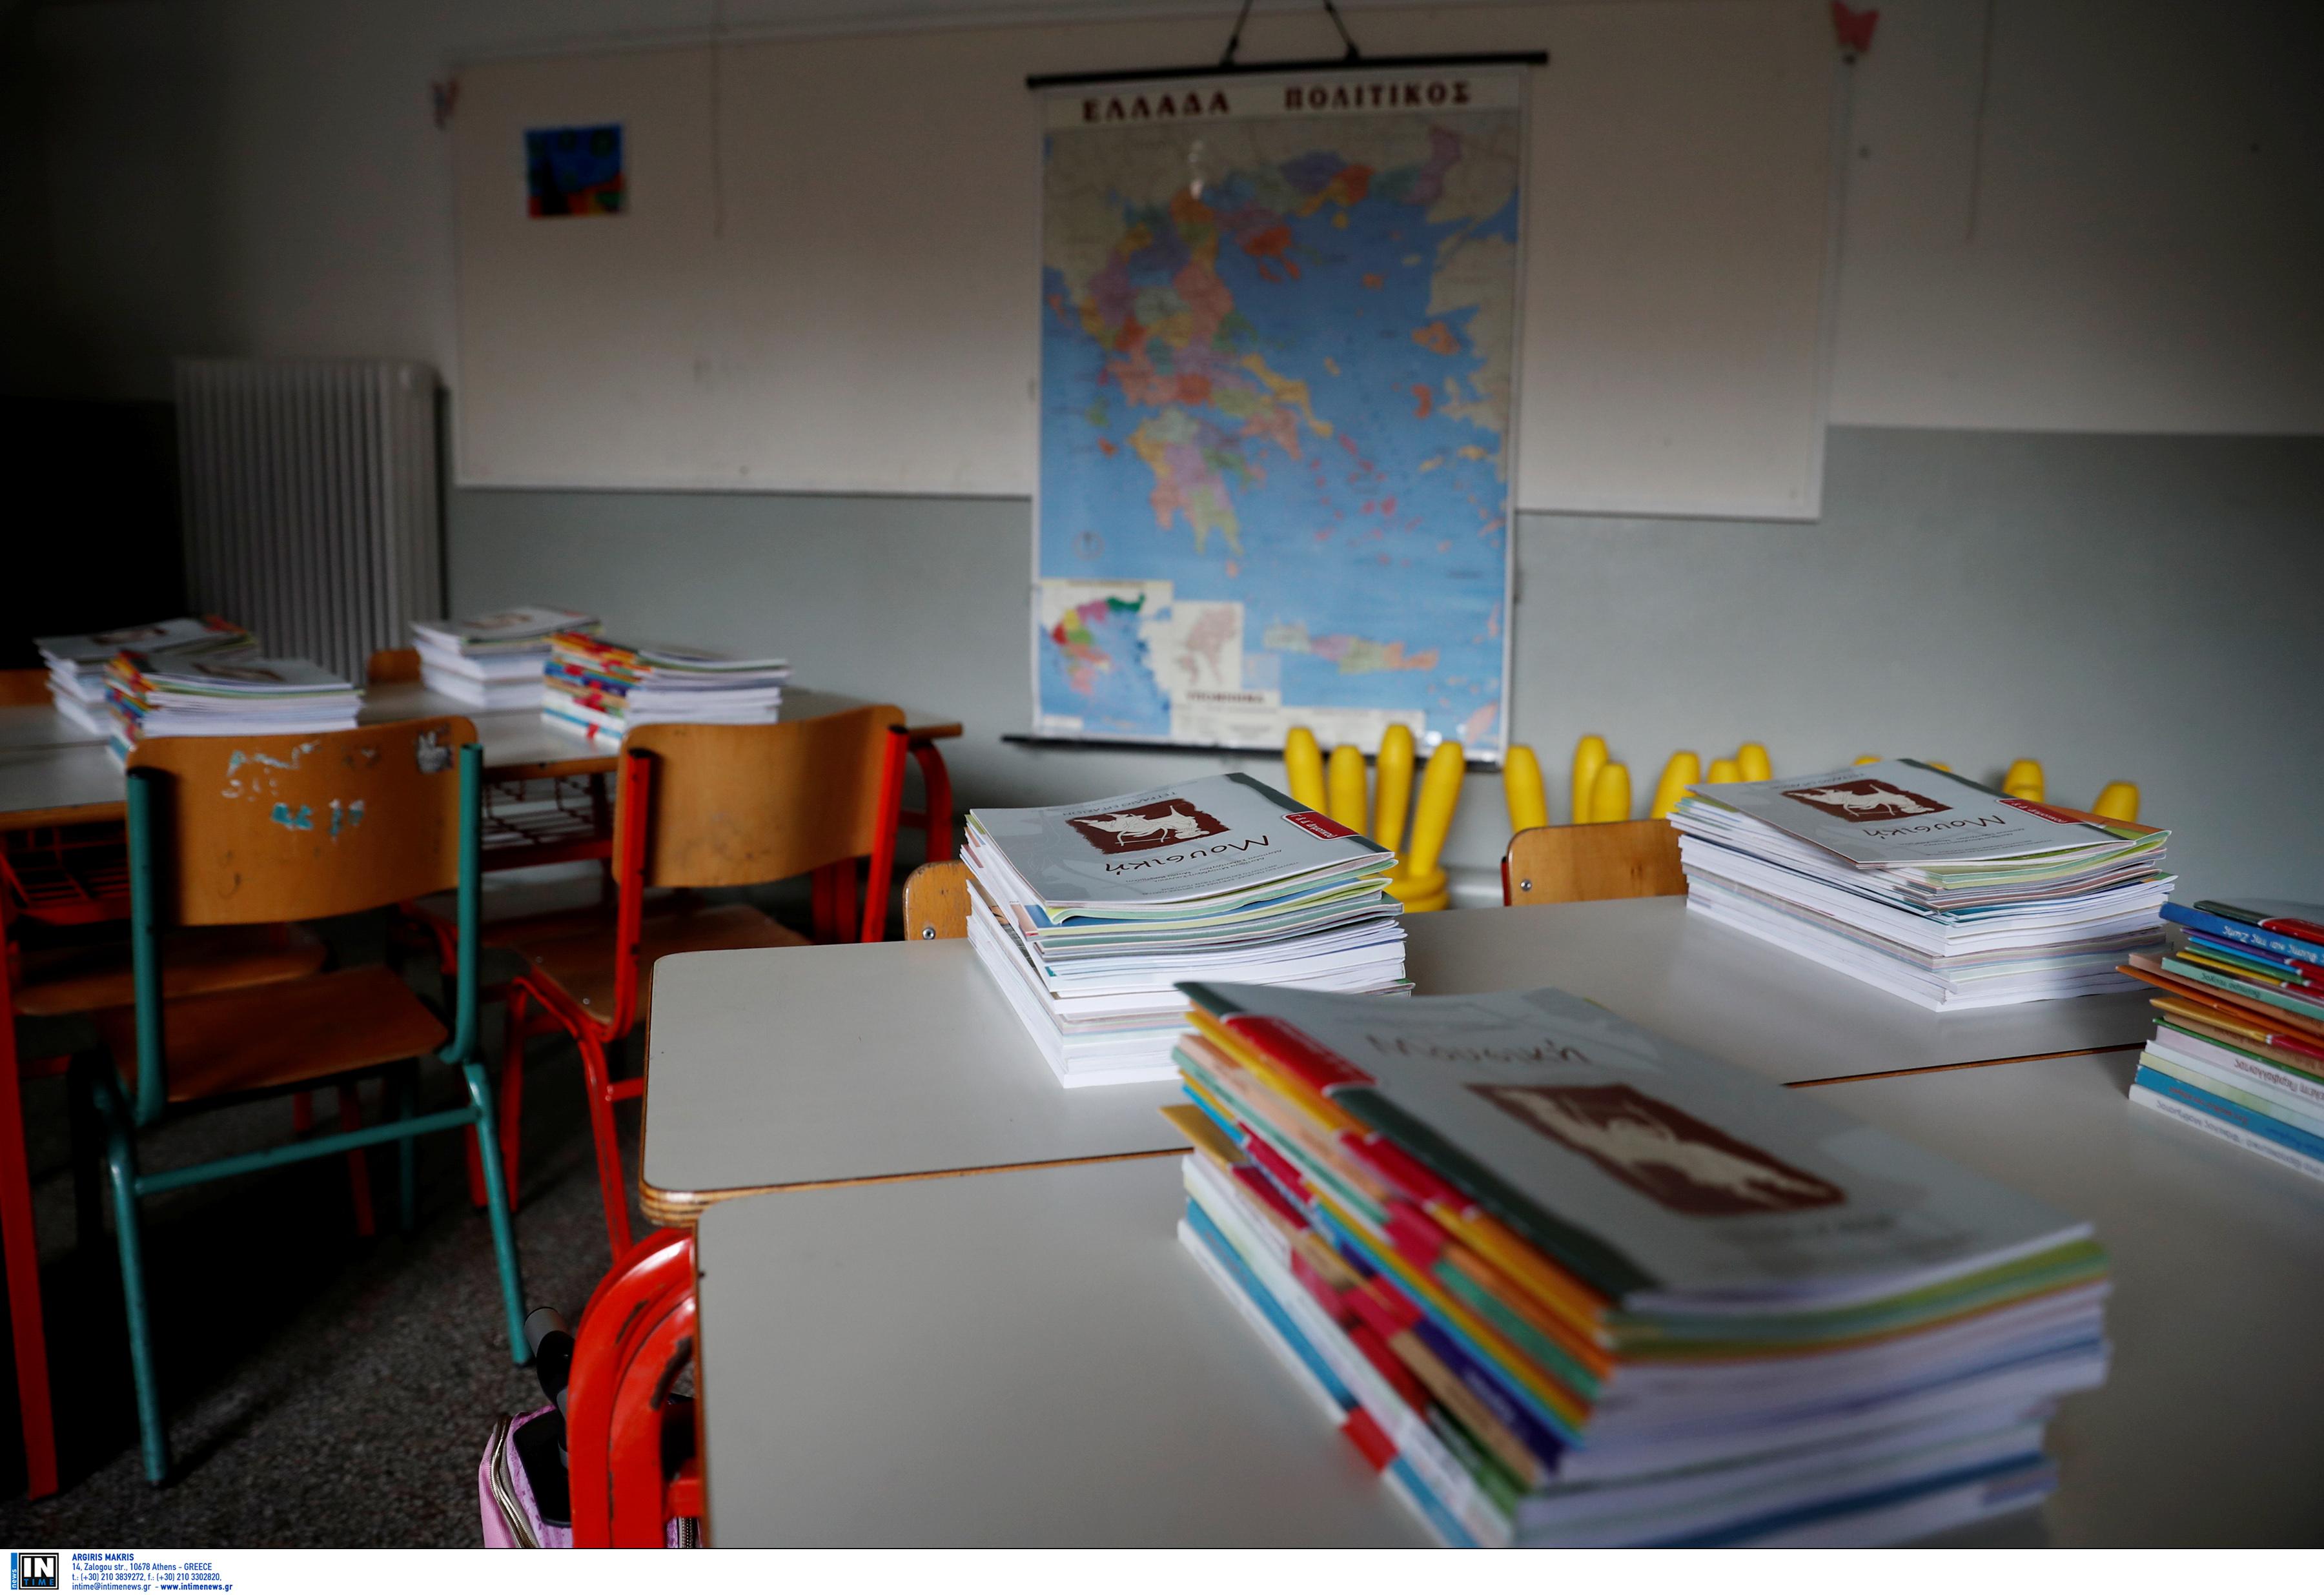 ΟΠΣΥΔ: Πρόσκληση για διορισμό σε οργανικές θέσεις Πρωτοβάθμιας και Δευτεροβάθμιας Ειδικής Αγωγής και Εκπαίδευσης